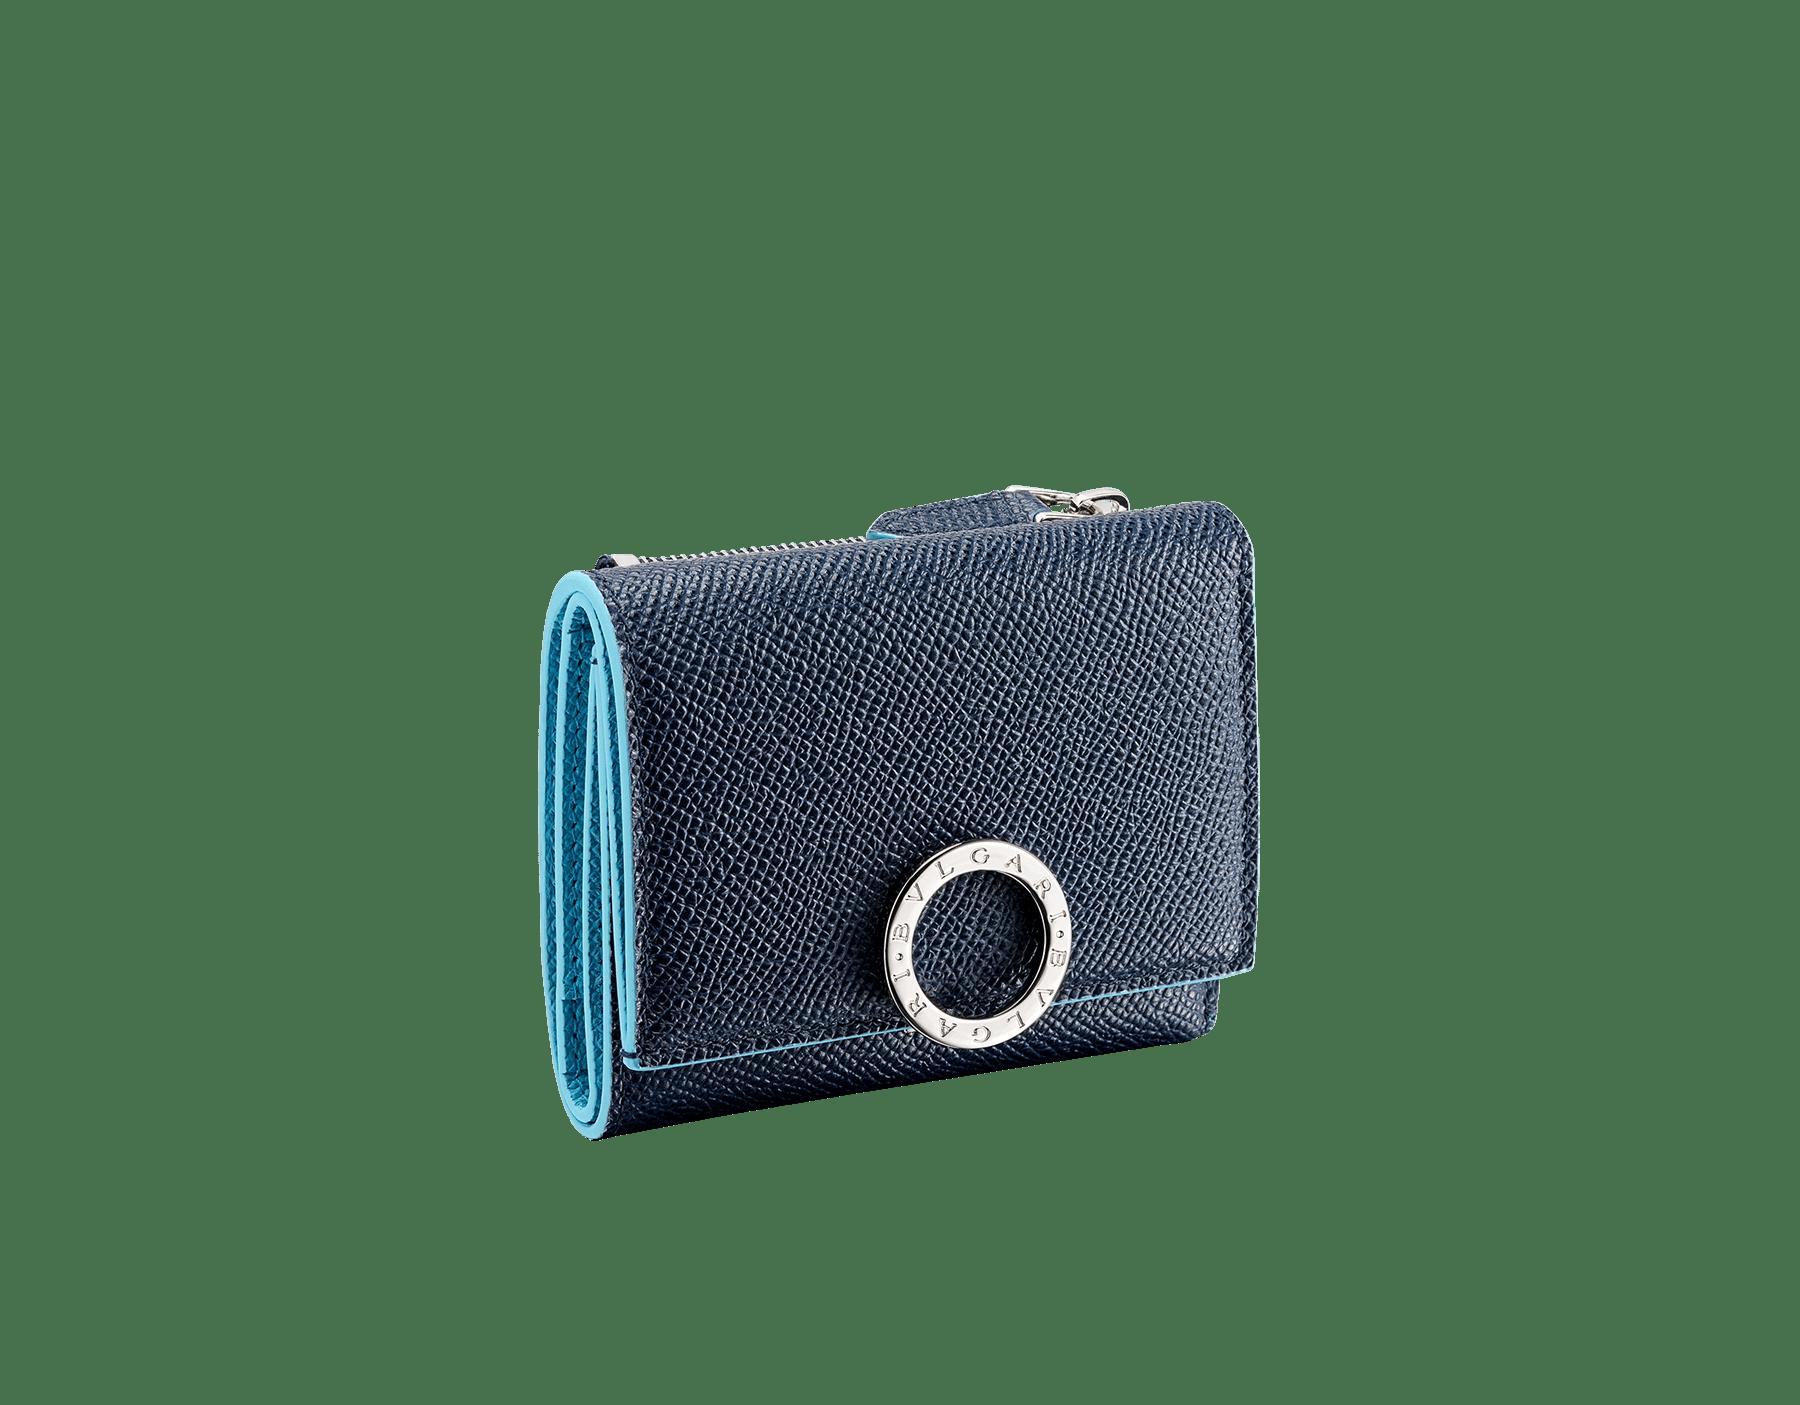 Denim SapphireのブルーとAegean Topazのライトブルーのグレインカーフレザー製「ブルガリ・ブルガリ」スリムコンパクトウォレット。 ブラスパラジウムプレートのアイコニックなロゴのクロージャークリップ。 290669 image 1